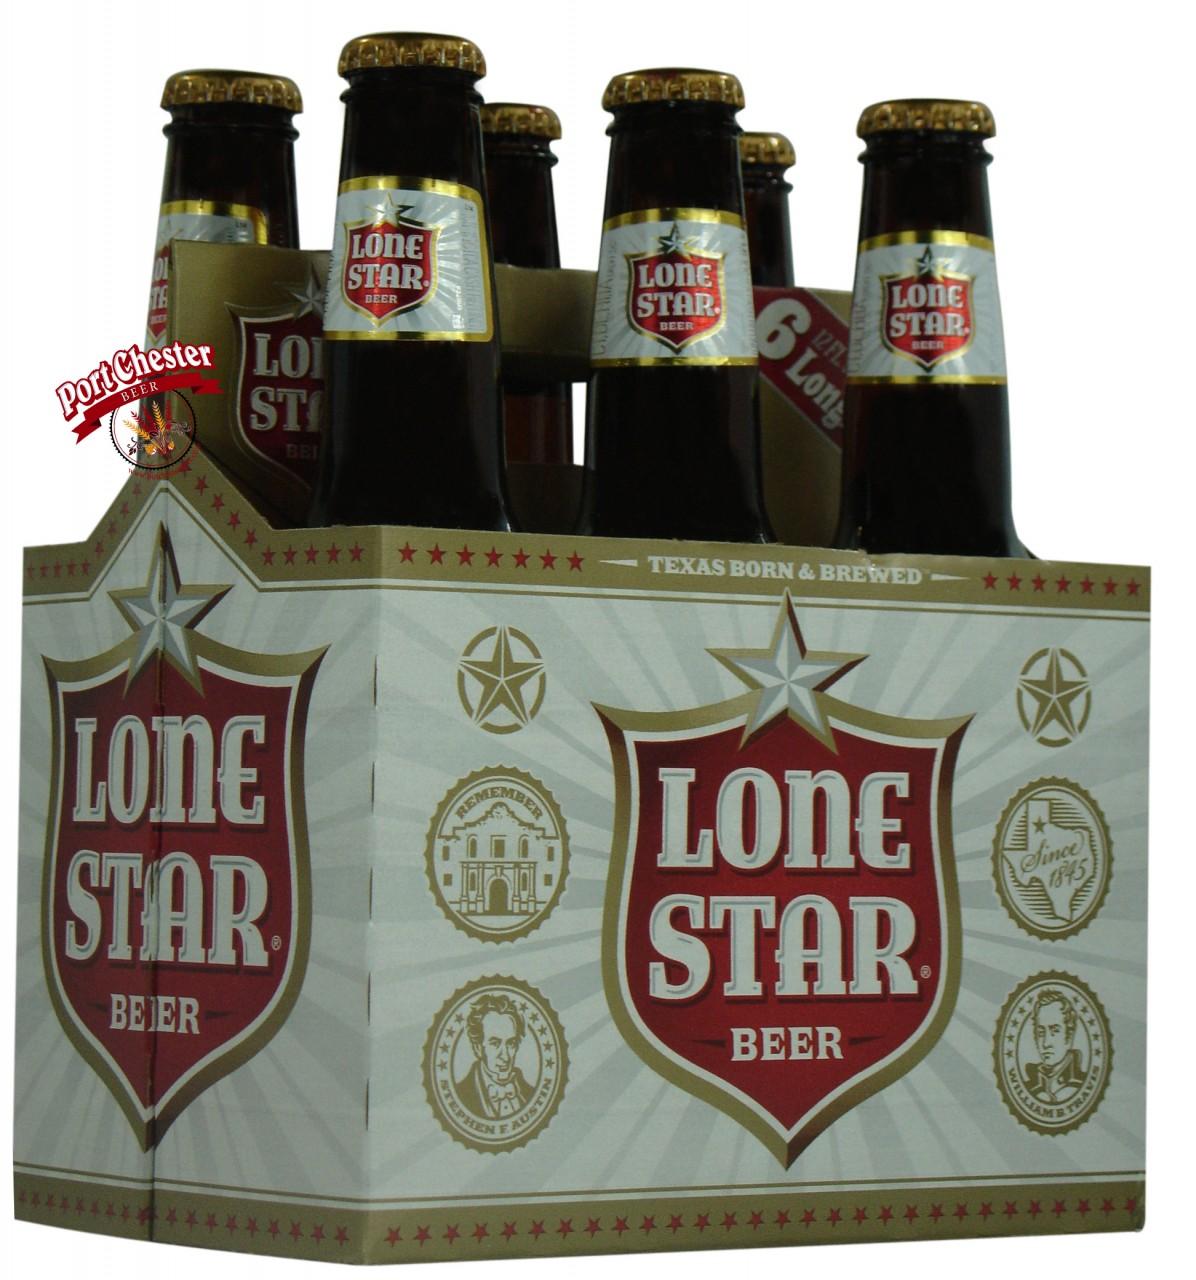 lone-star-beer-6-pack__04912_zoom.JPG